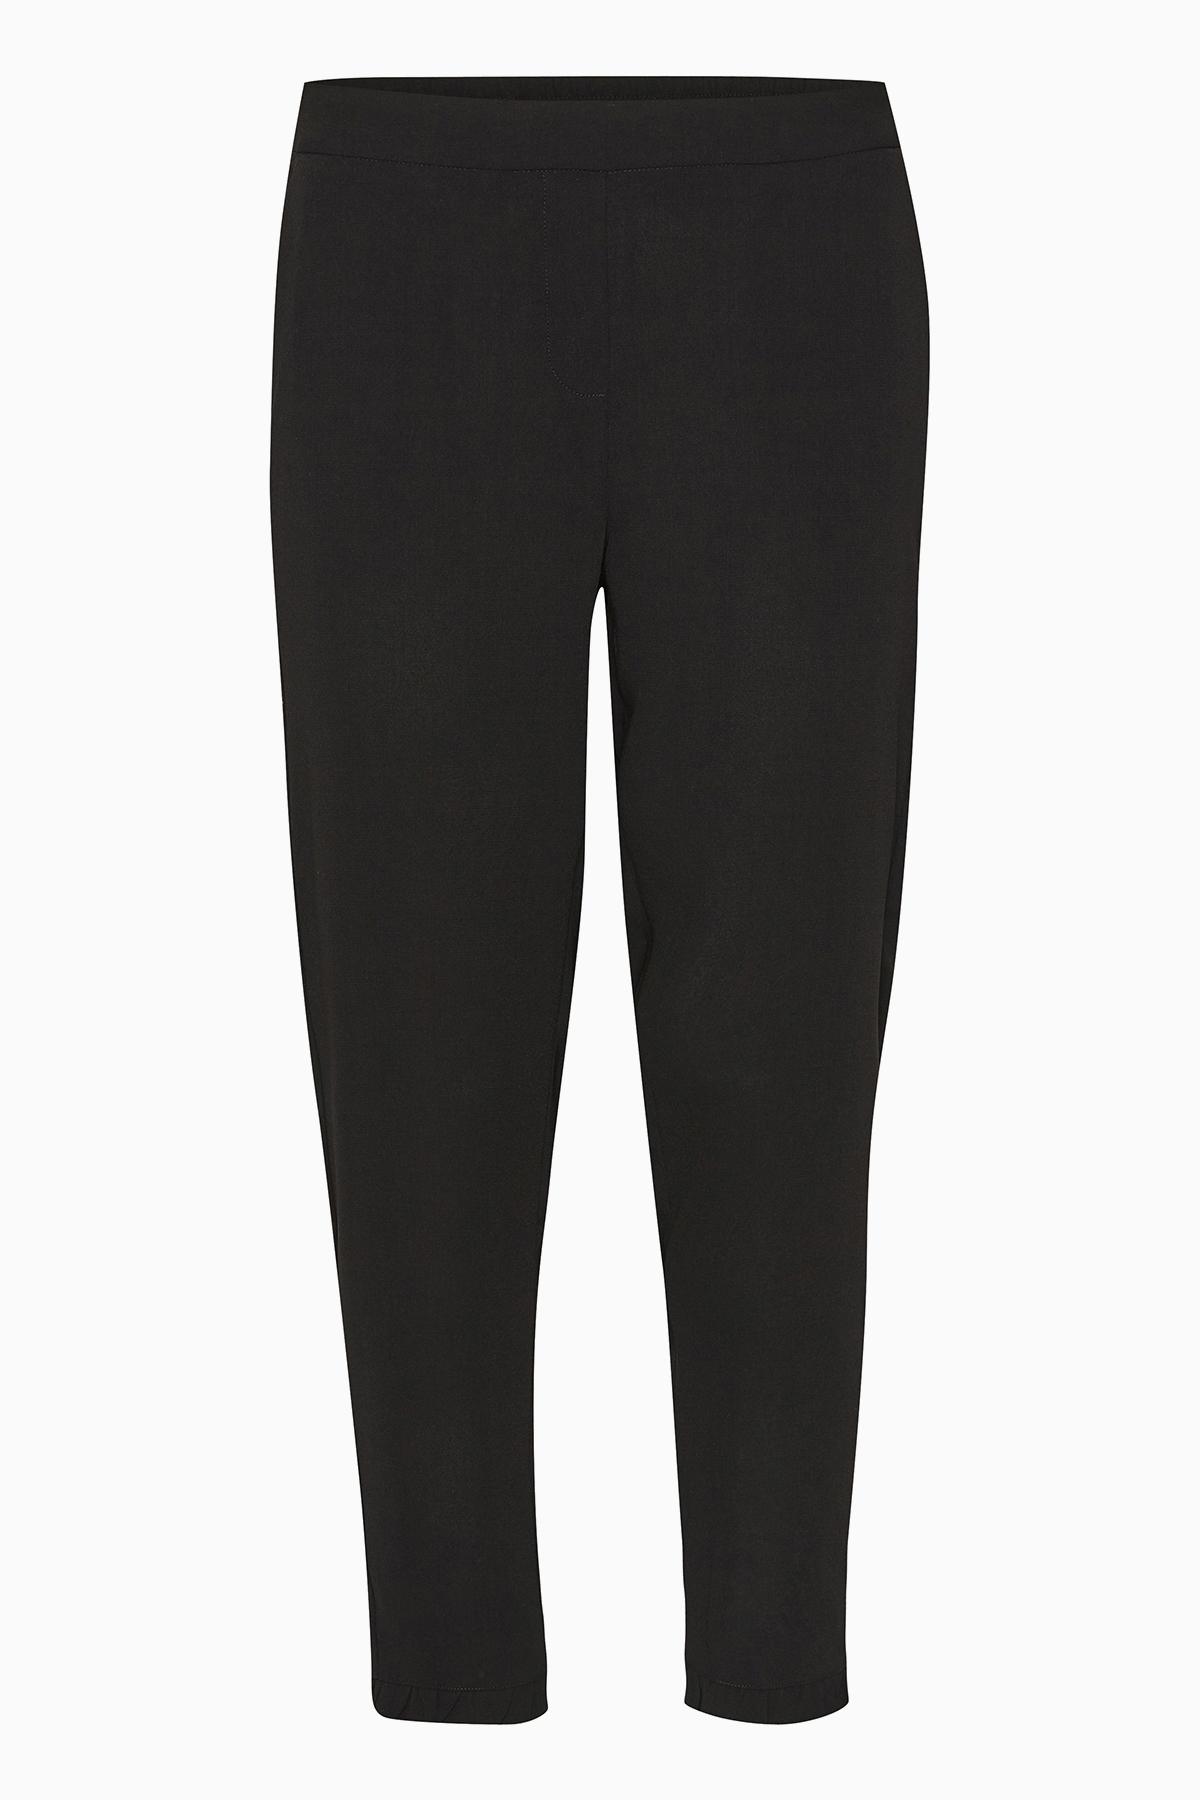 Kaffe Dame Fraaie Molly broek van KAFFE. De broek heeft een vaste tailleband voor en elastiek achter. 7/8-lang en steekzakken voor en zakken met paspel achter. 100% polyester. Normale pasvorm met smalle pijpen. De klassieke broek die in geen enkele kledin